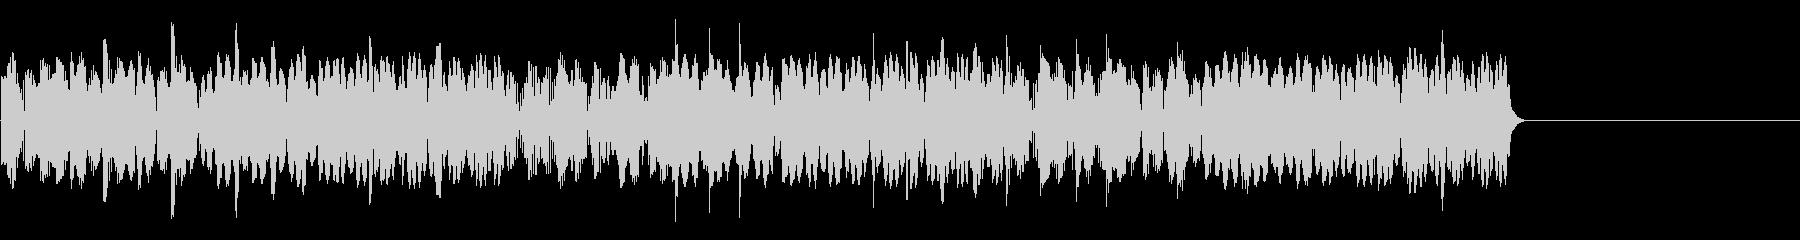 ゲームセンターのクレーンゲームの音 3回の未再生の波形